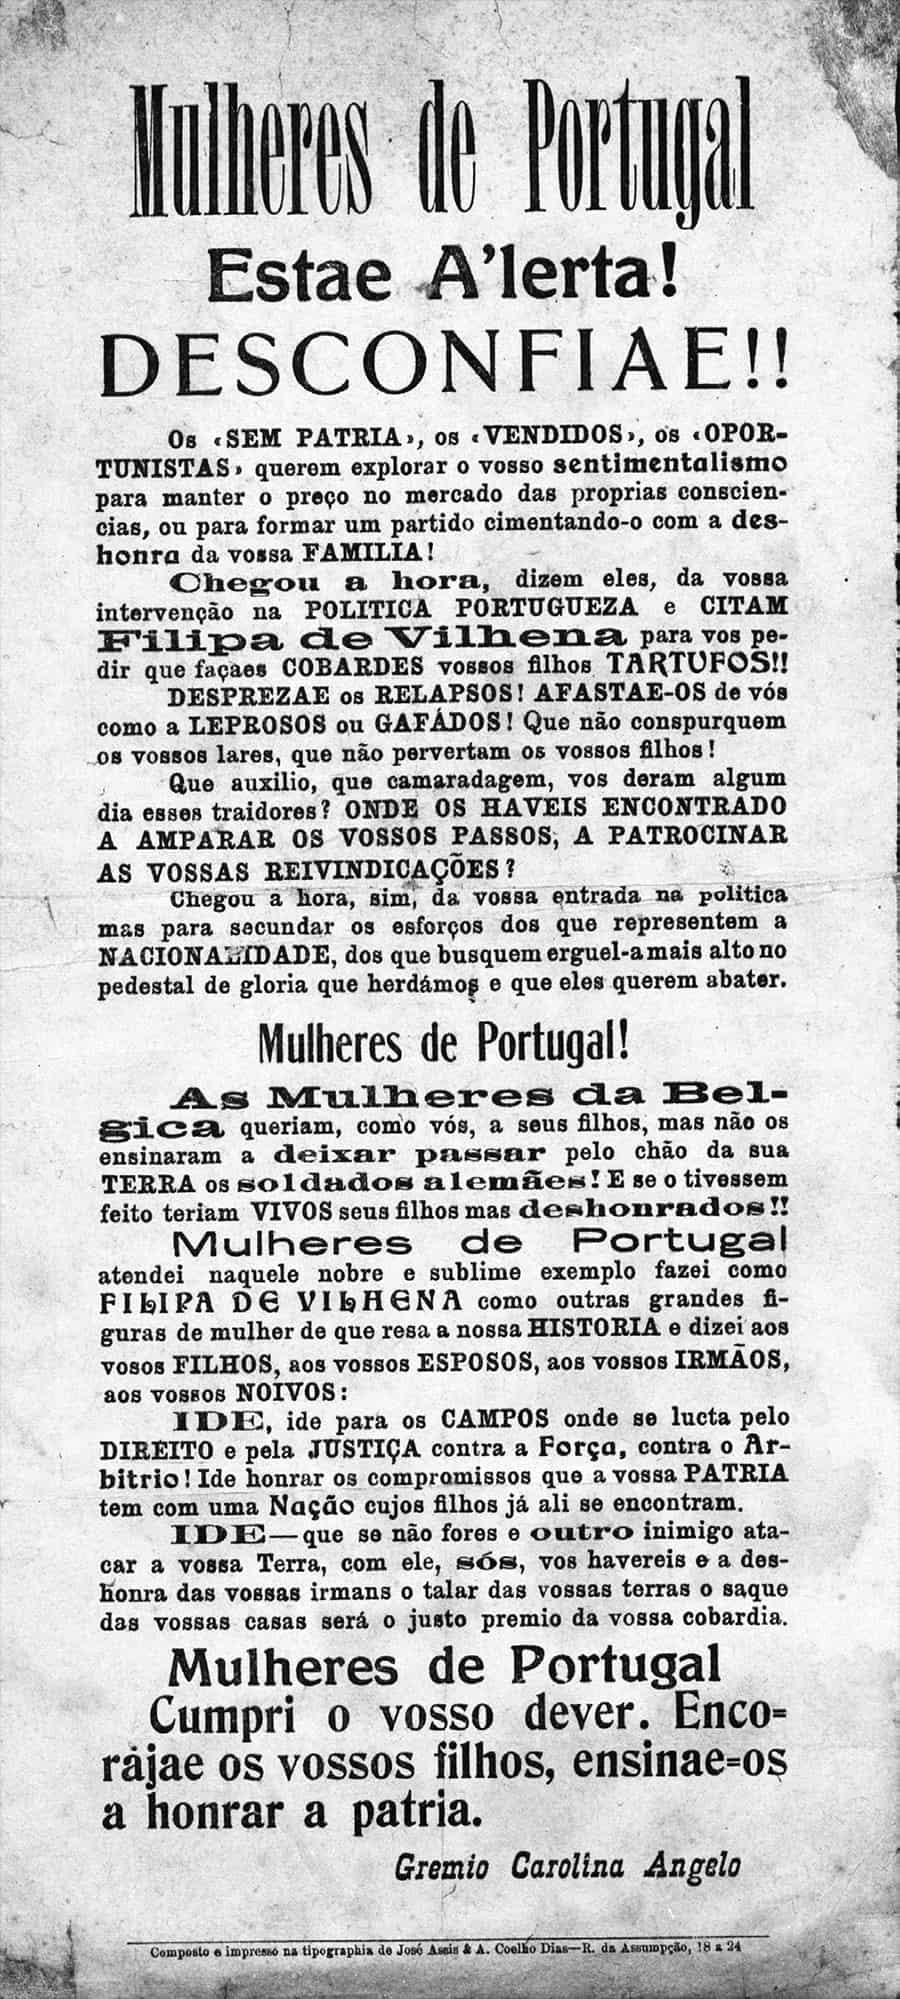 mulheres de portugal mn65tr